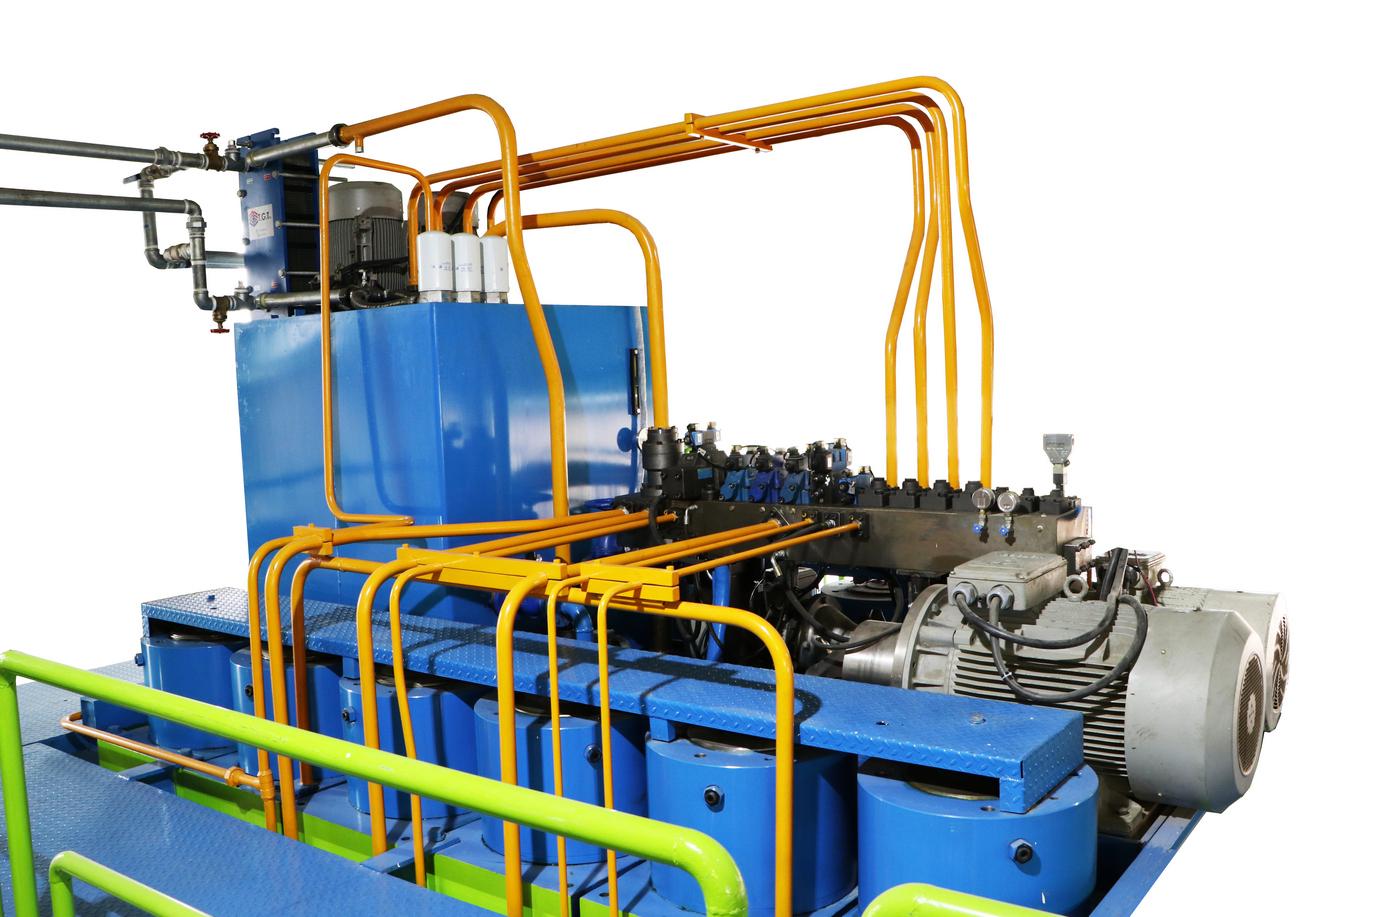 پرسهای هیدرولیک (Hydraulic presses)